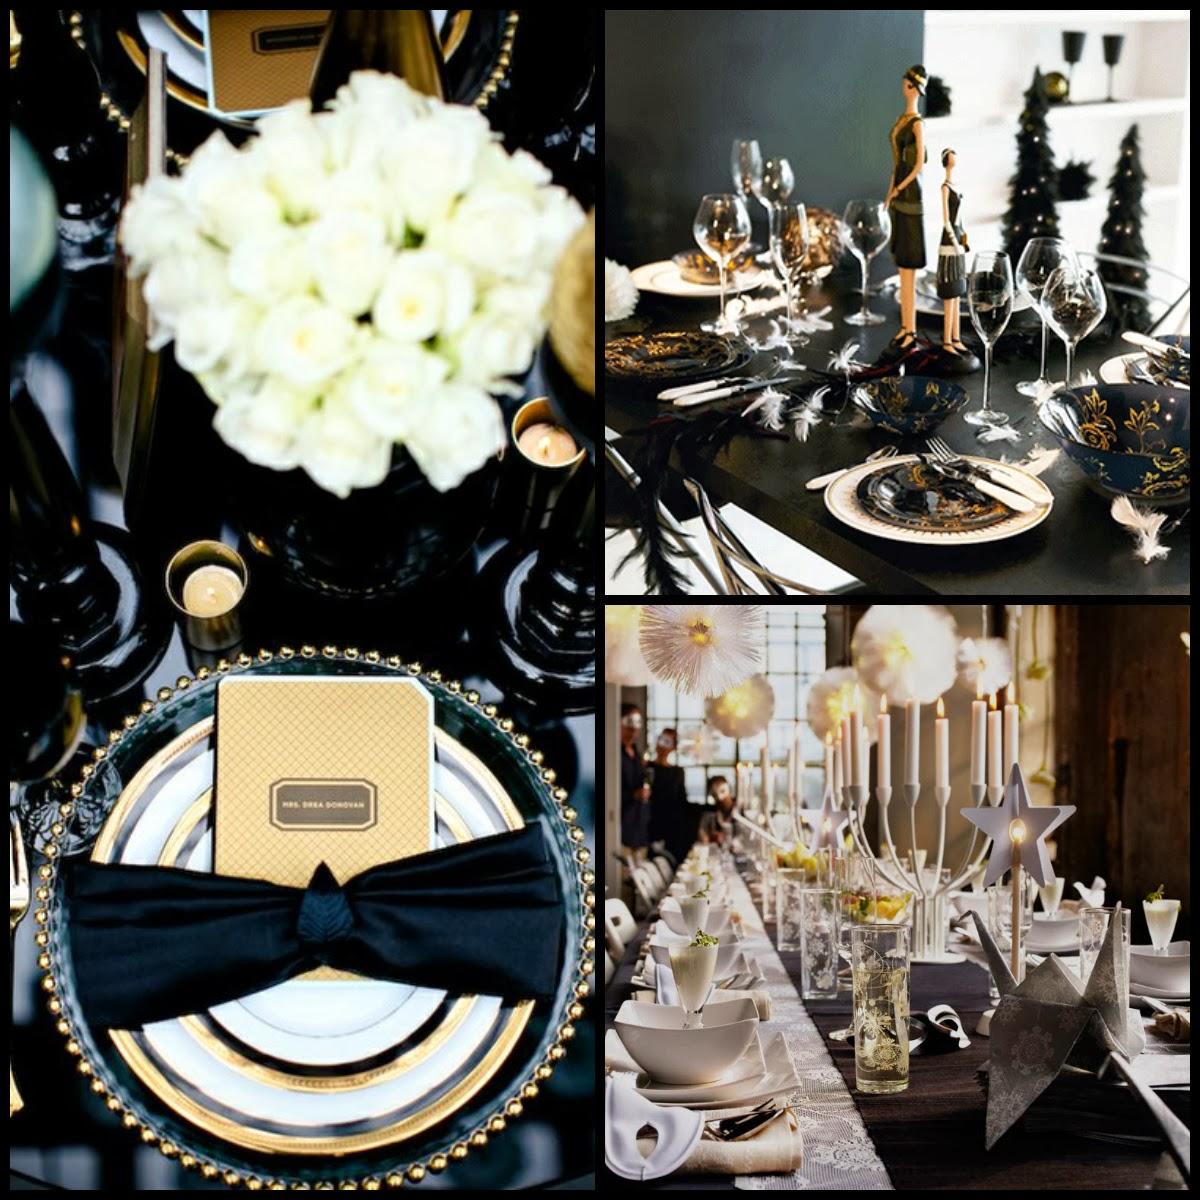 Capodanno tema e tavola per un party da ricordare la casa dello stile - Decorazioni tavola capodanno fai da te ...